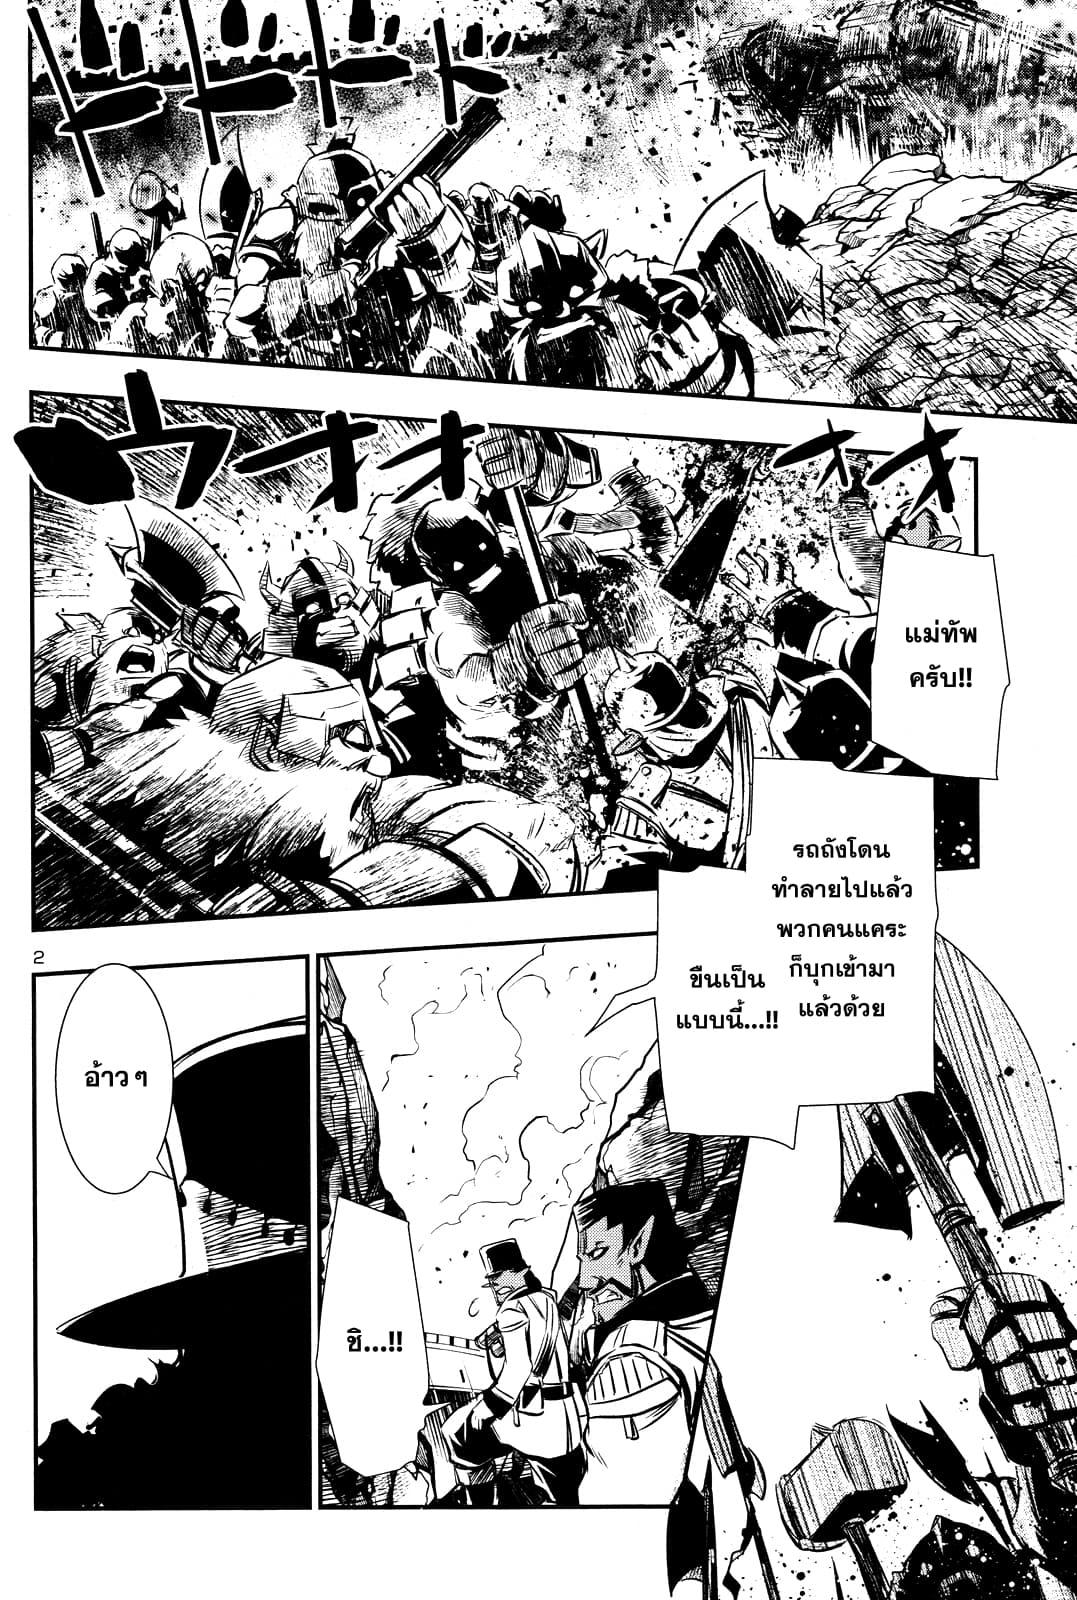 อ่านการ์ตูน Shinju no Nectar ตอนที่ 12 หน้าที่ 2